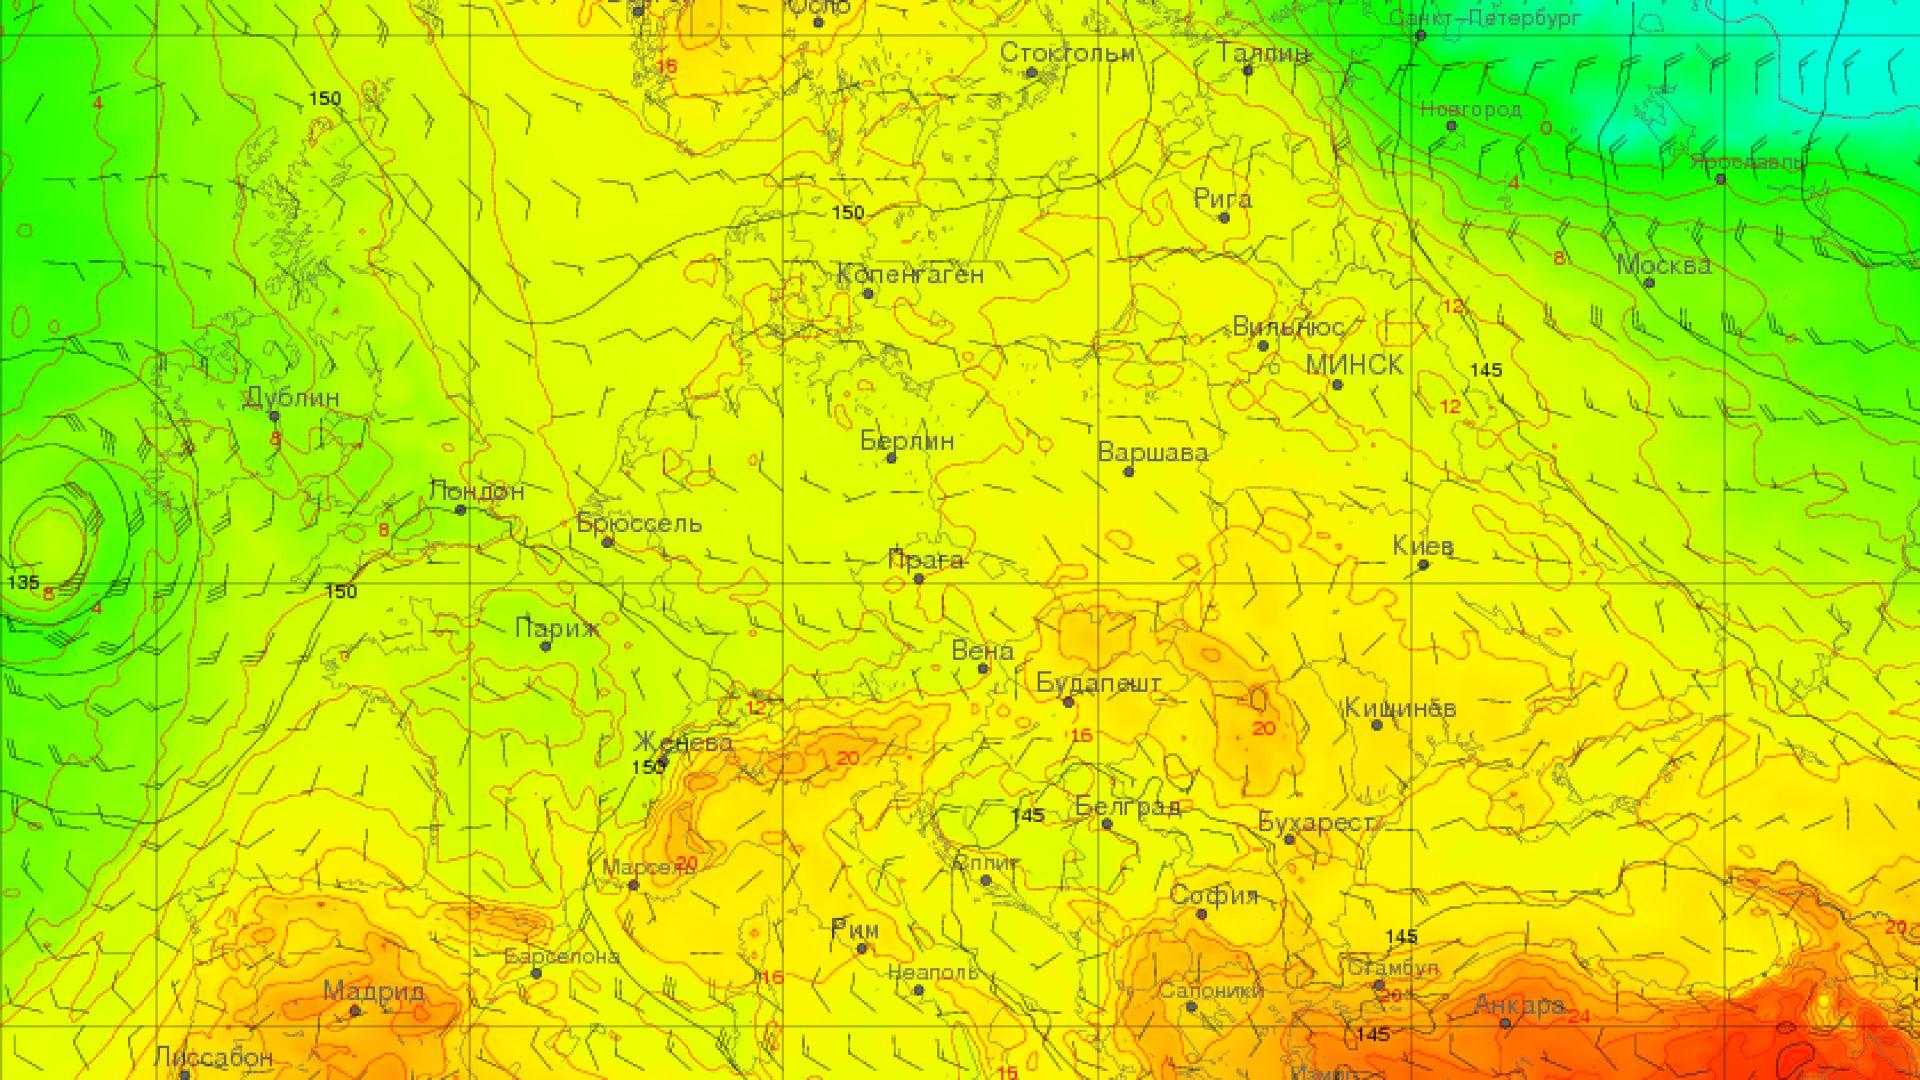 Карта на очакваното разпределение на температурата във височина в началото на следващата седмица. Виждат се северните ветрове и ненормално студената въздушна маса над Източноевропейската равнина